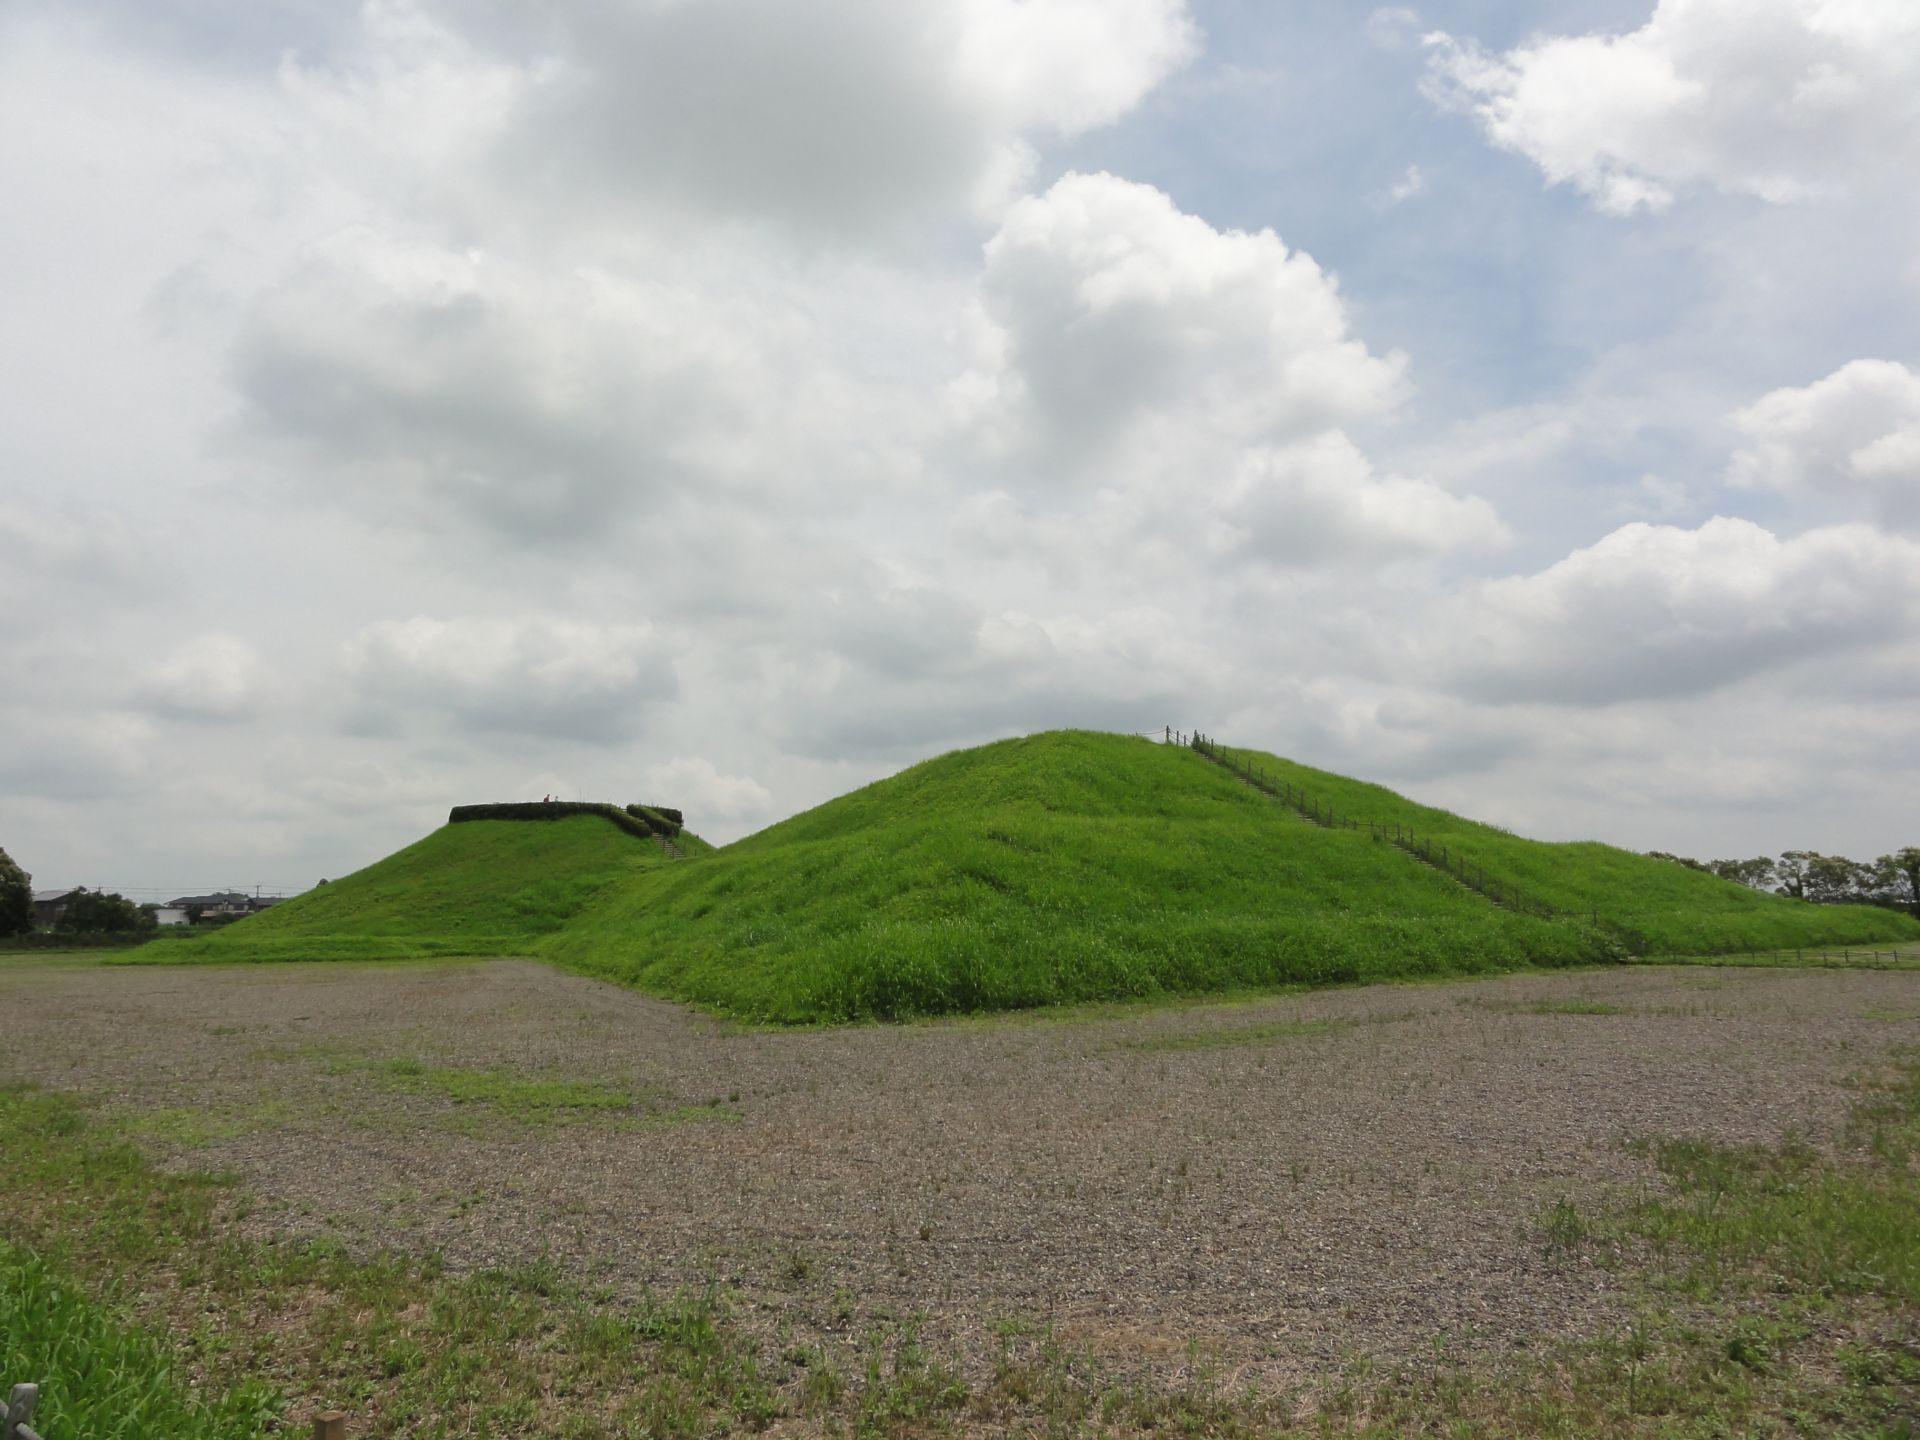 埼玉古墓群公园